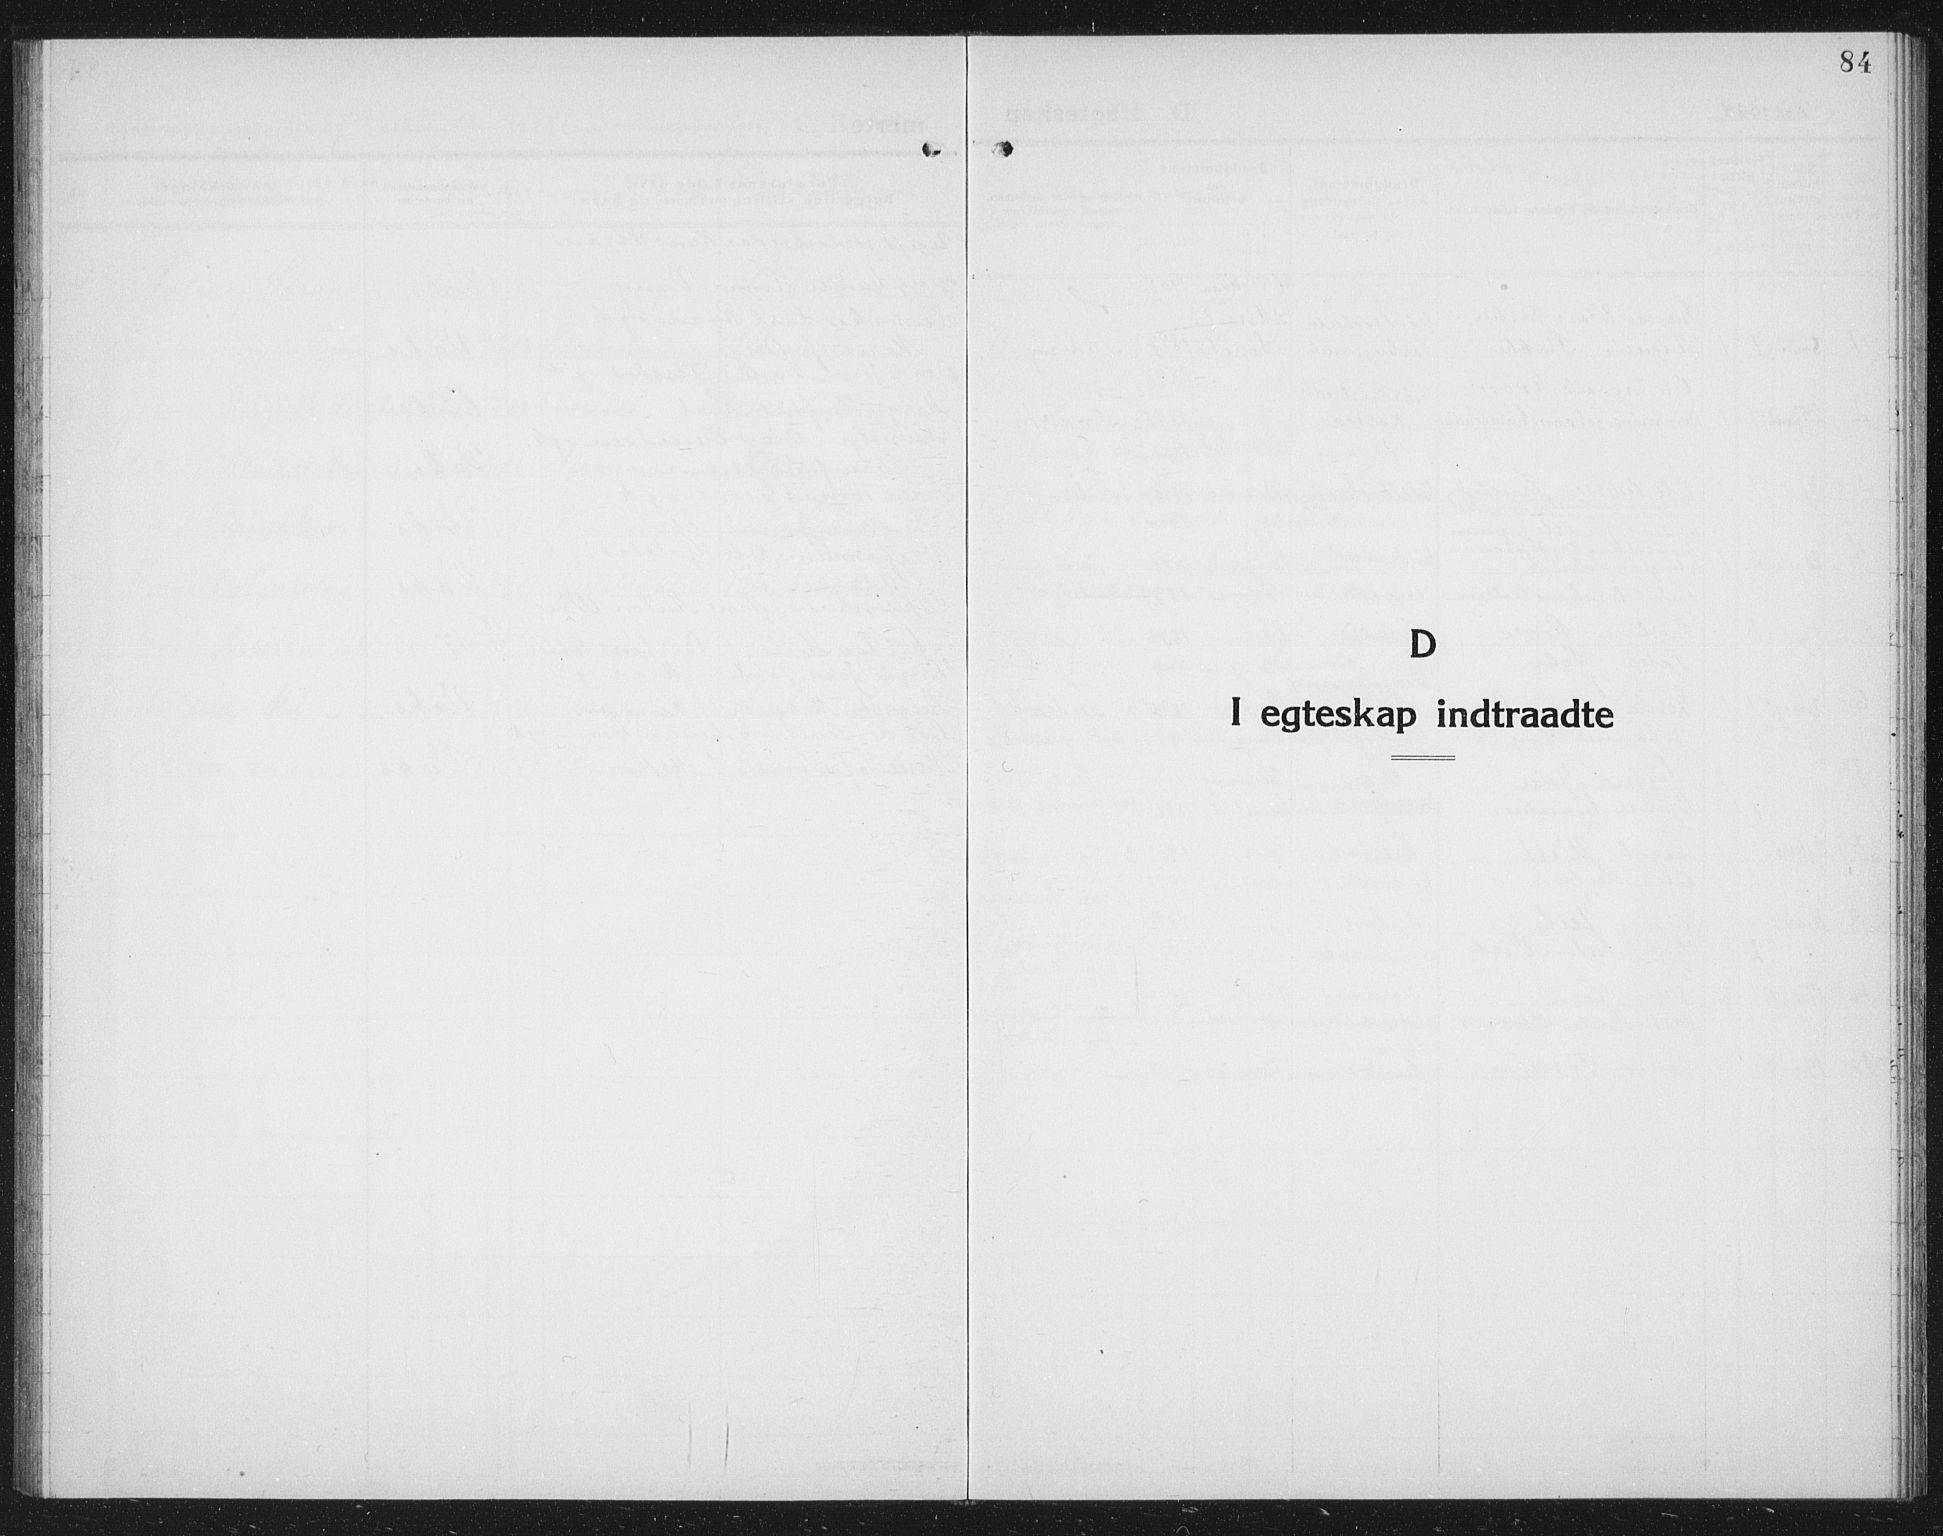 SAT, Ministerialprotokoller, klokkerbøker og fødselsregistre - Nord-Trøndelag, 730/L0303: Parish register (copy) no. 730C06, 1924-1933, p. 84